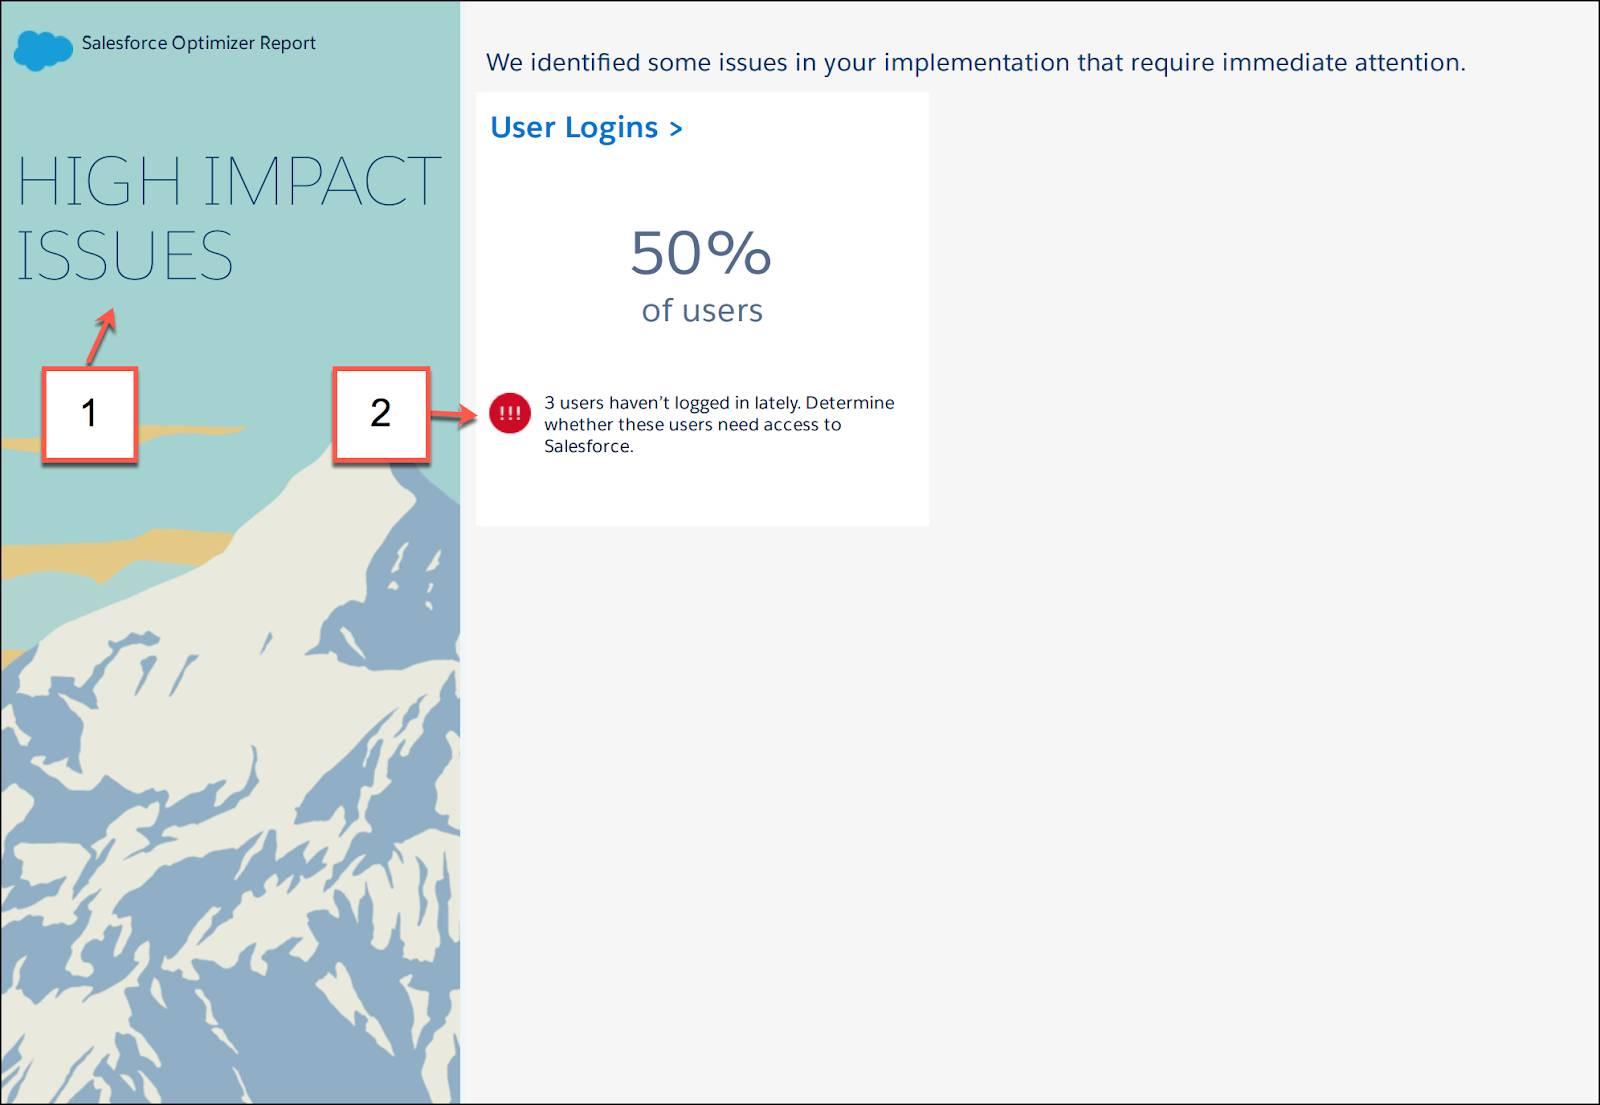 Von Salesforce Optimizer gefundene Hervorhebungen und Probleme mit großen Auswirkungen